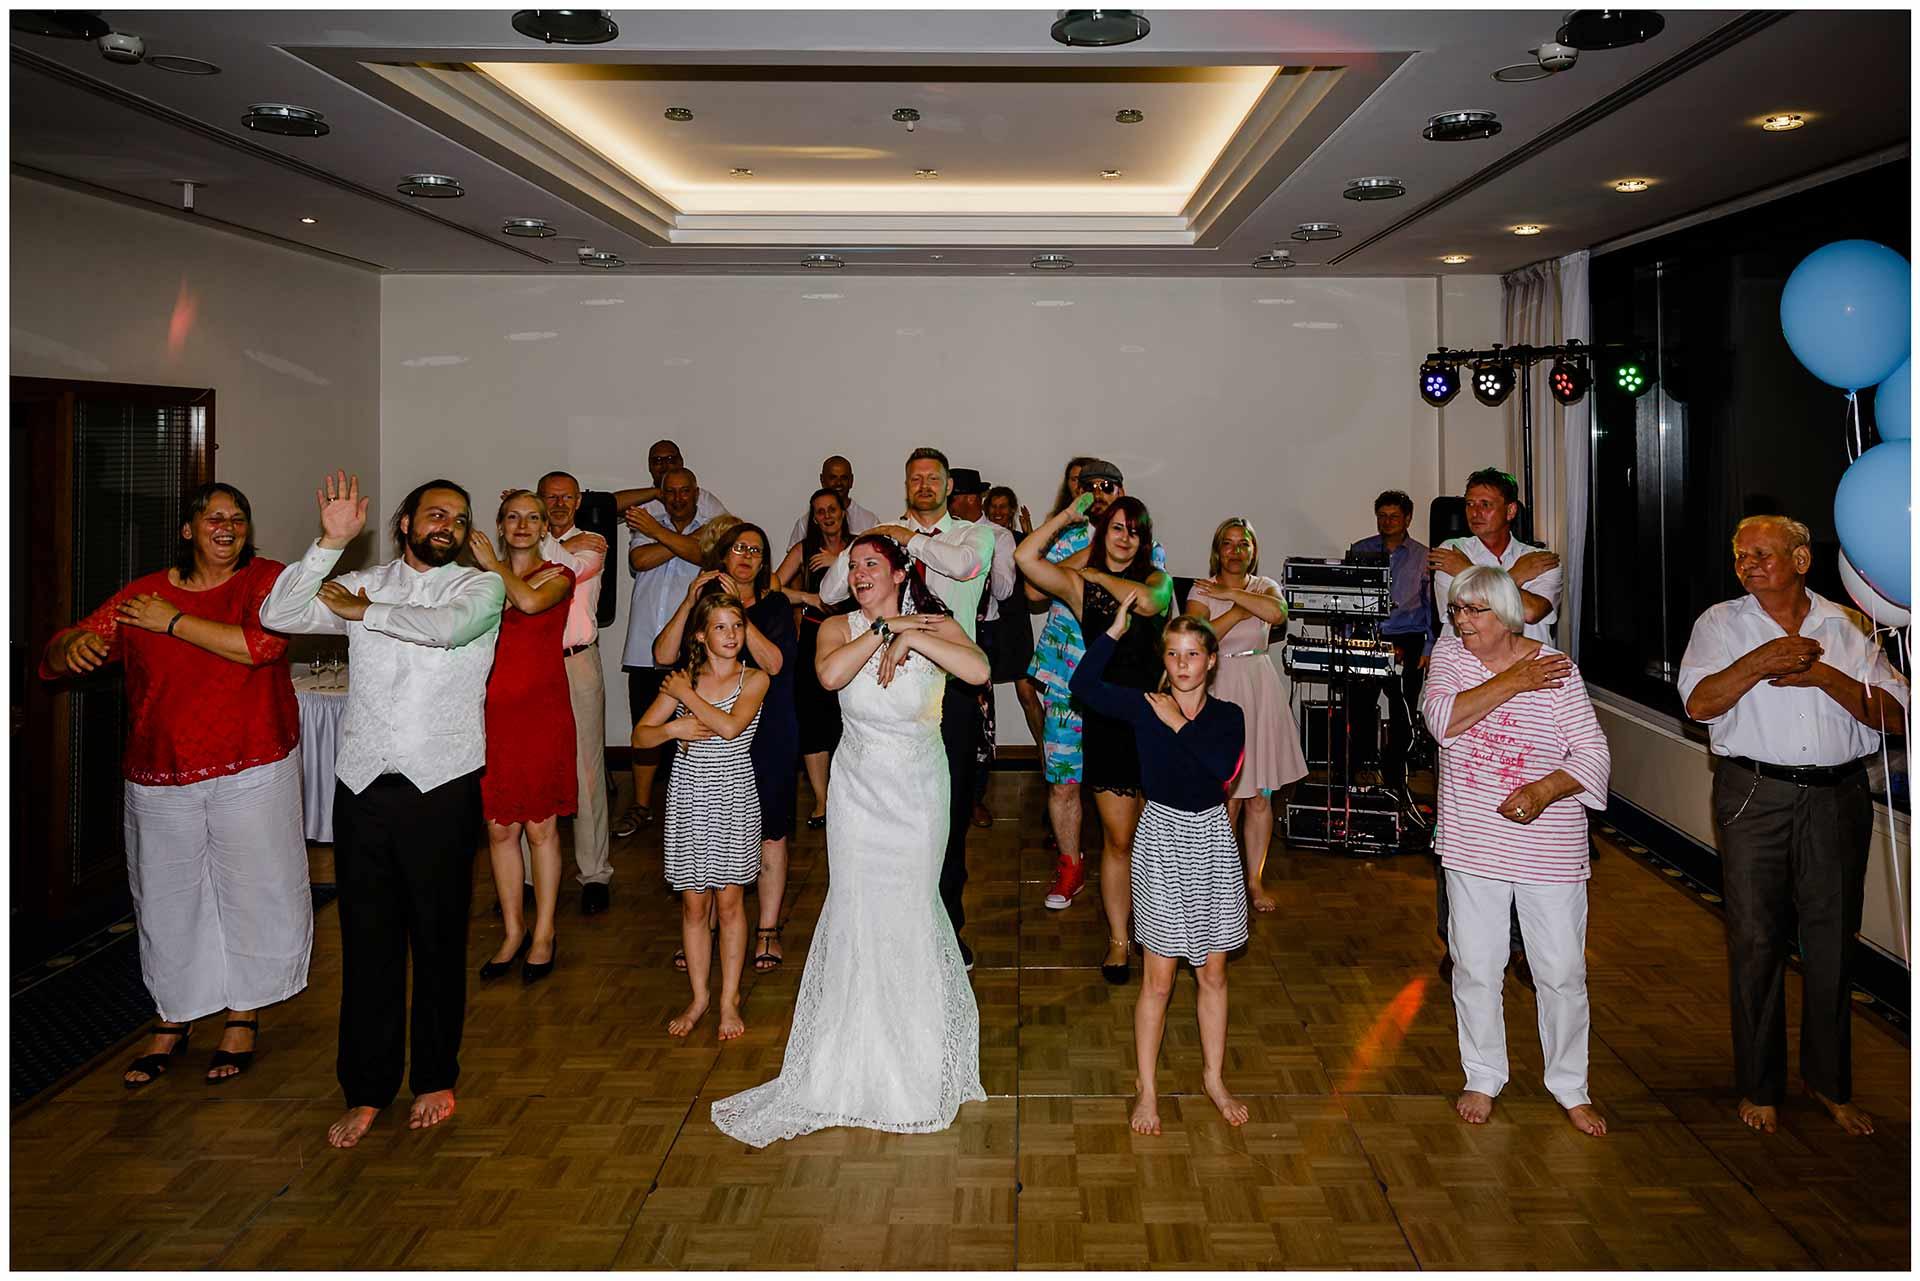 Hochzeitspaar-und-Gaeste-tanzen-Hochzeit-im-Hotel-Neptun-Hochzeitsfotograf-Warnemuende-Hochzeitsfotograf-Rostock-Hochzeitsfotograf-Ostseebad-Warnemuende